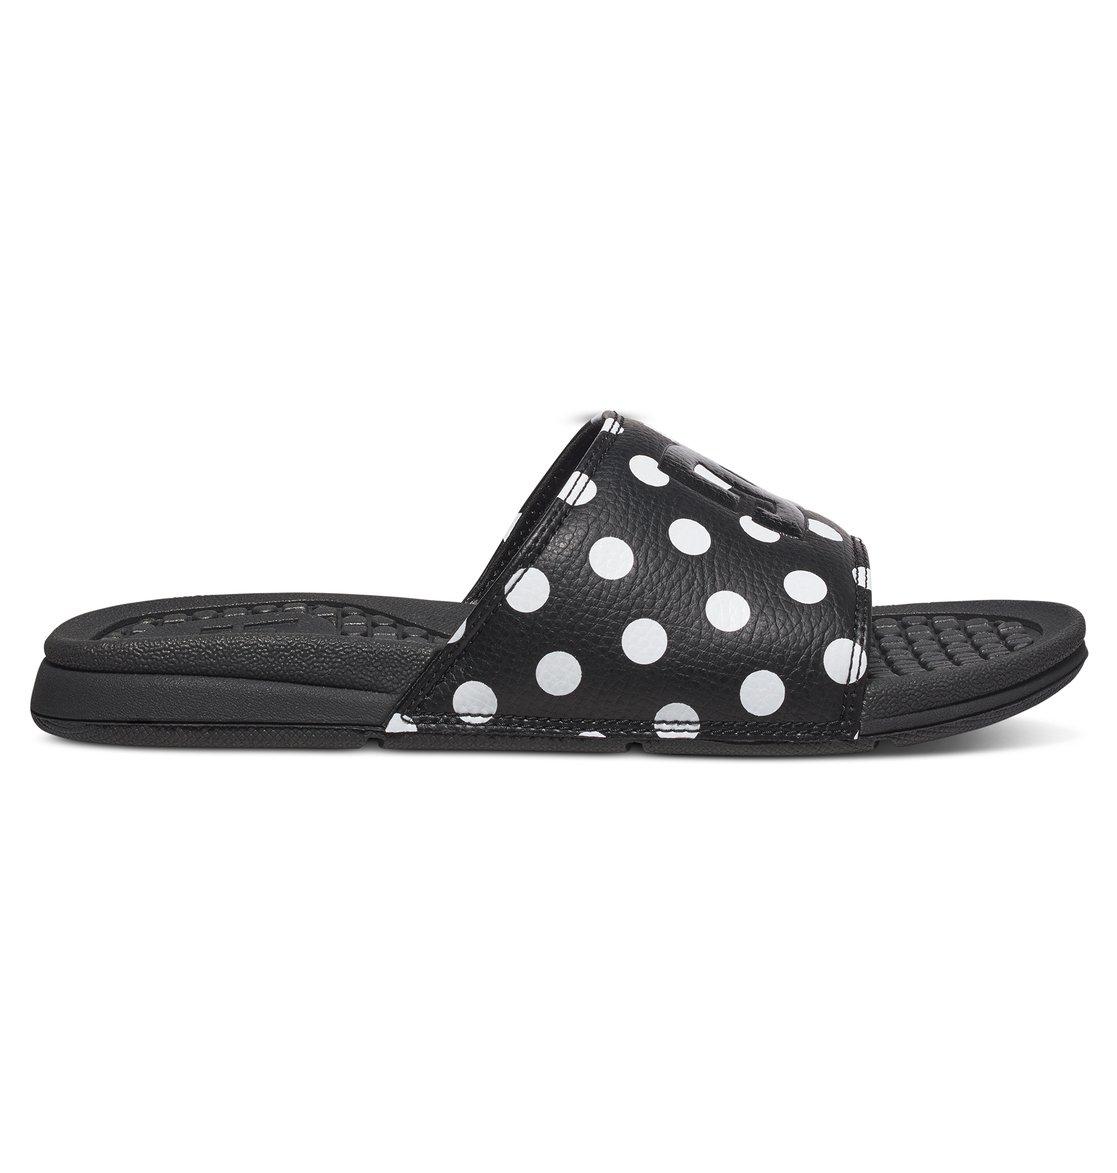 Bolsa Adjl100008Dc Se Femme En Shoes Sandales Pour Cuir sothrdCBQx